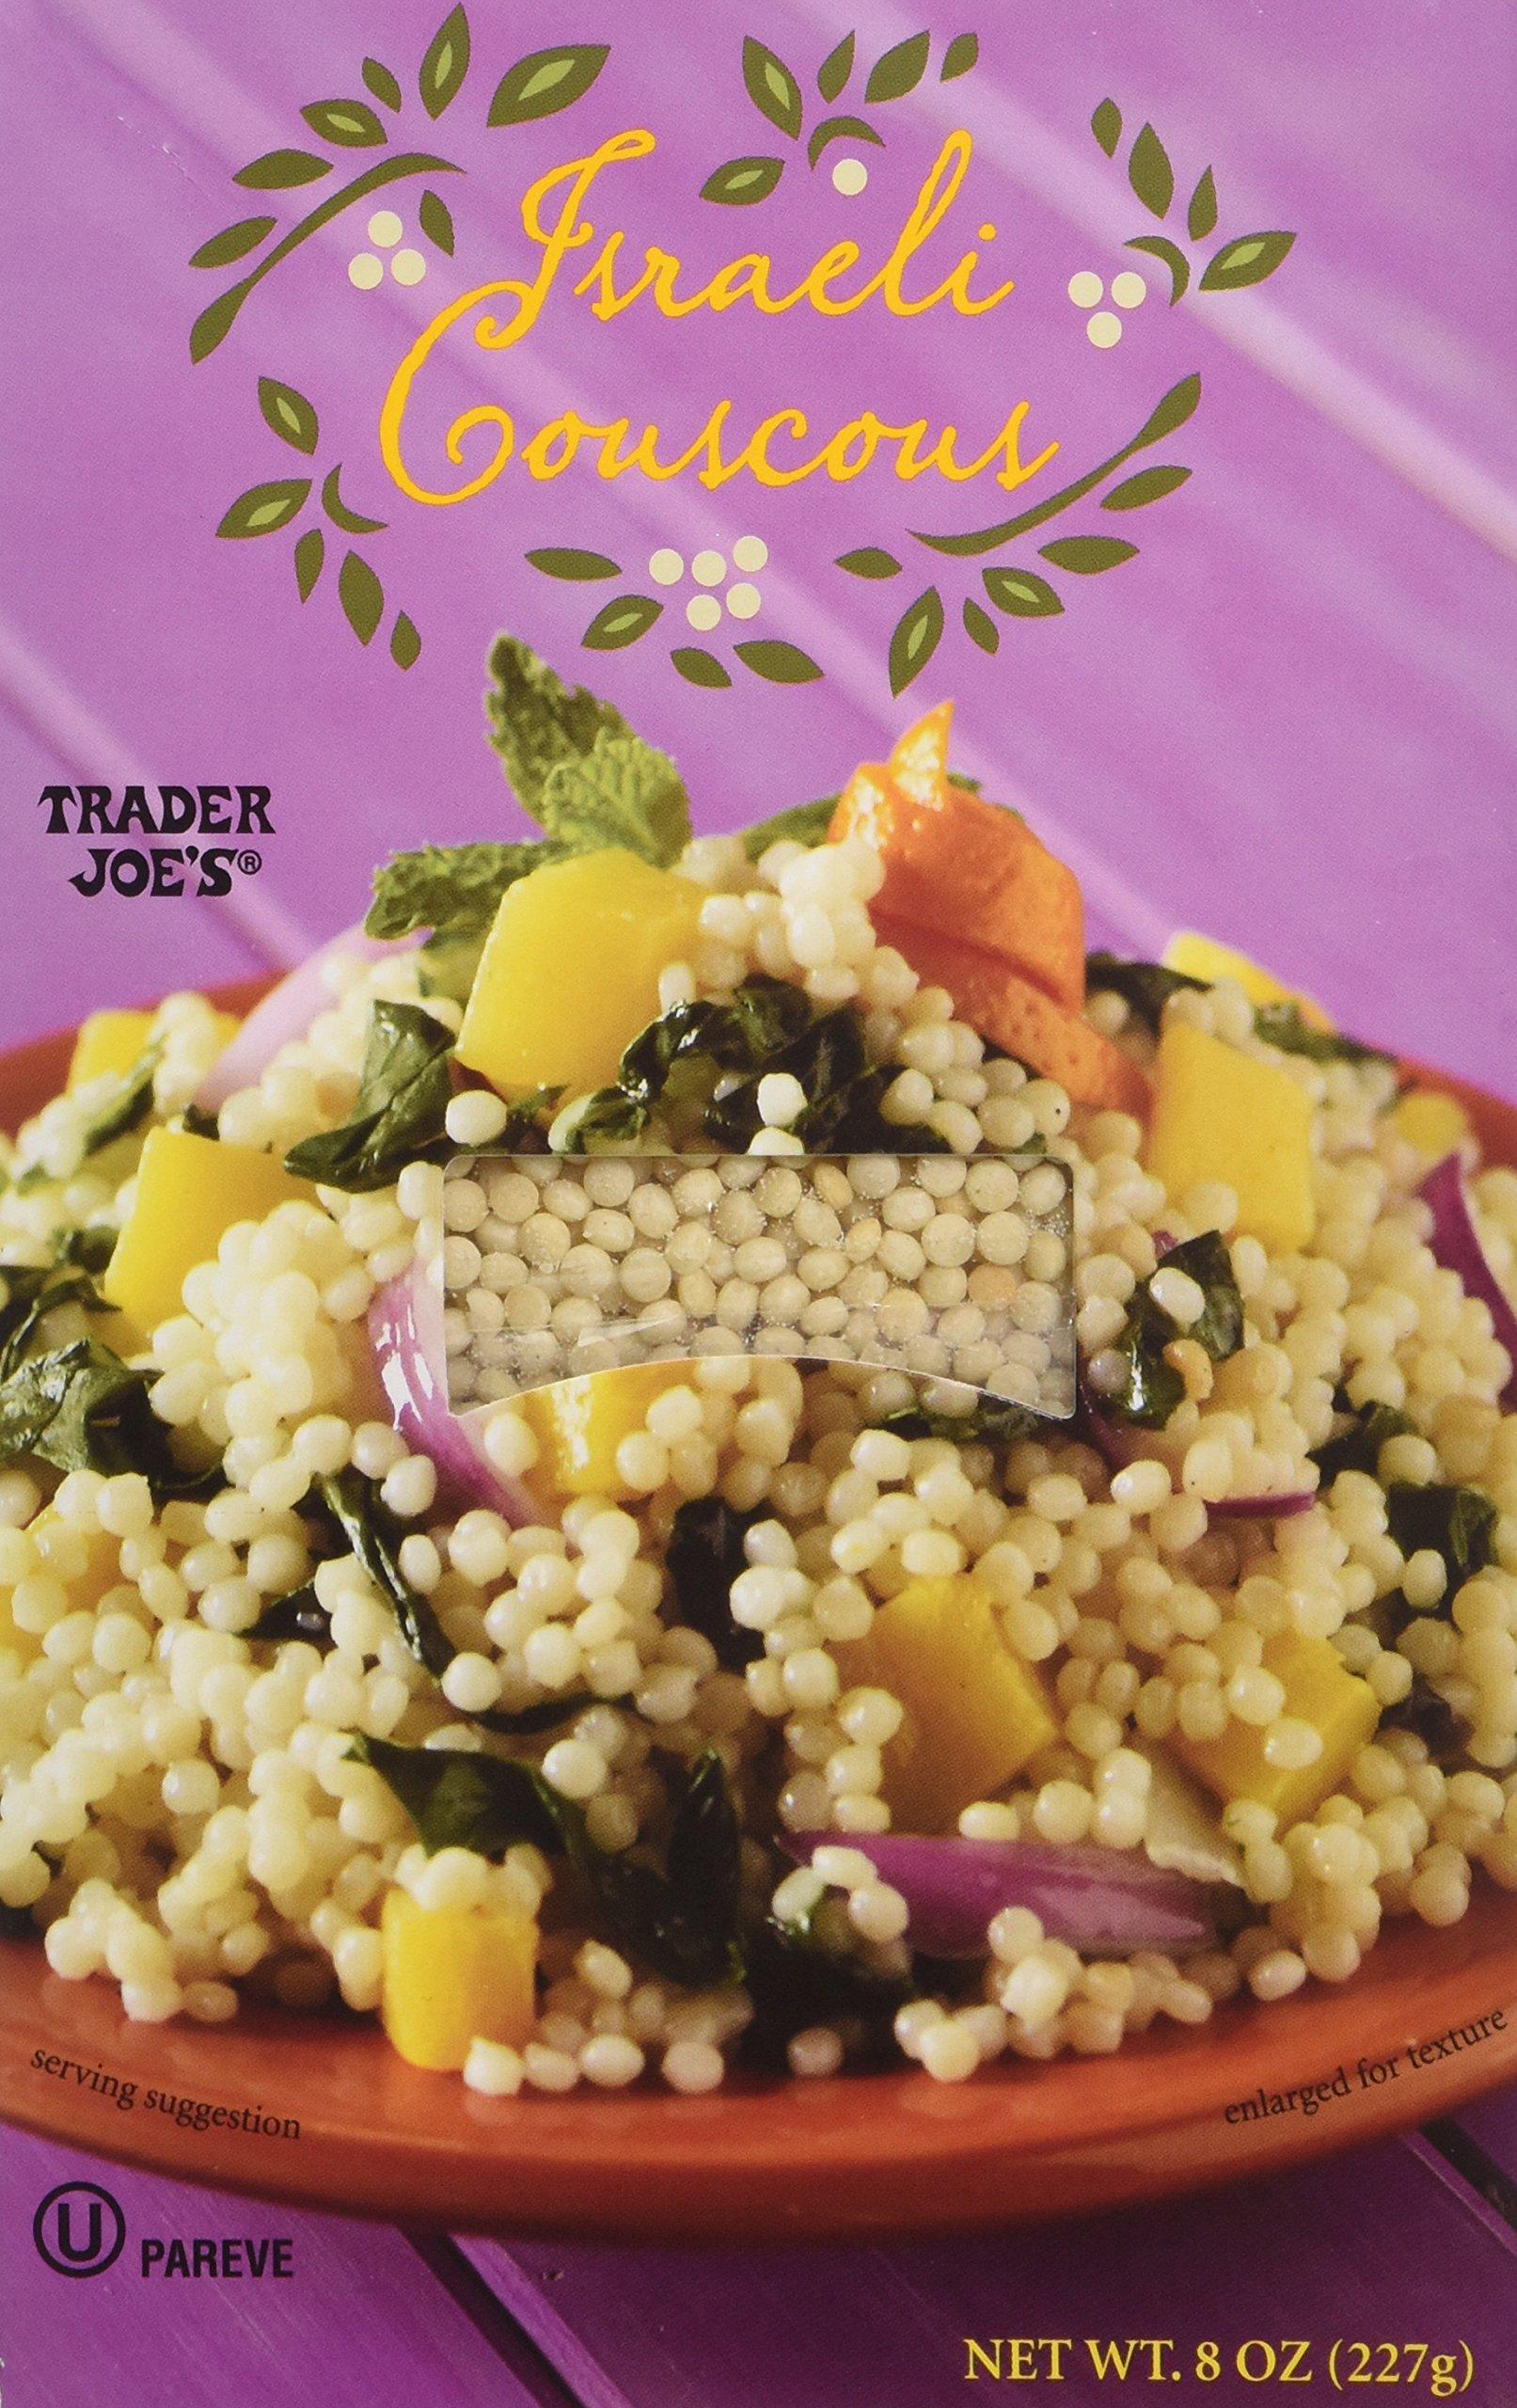 Trader Joe's Israeli Couscous 8 Oz Box (2 Pack) by Trader Joe's